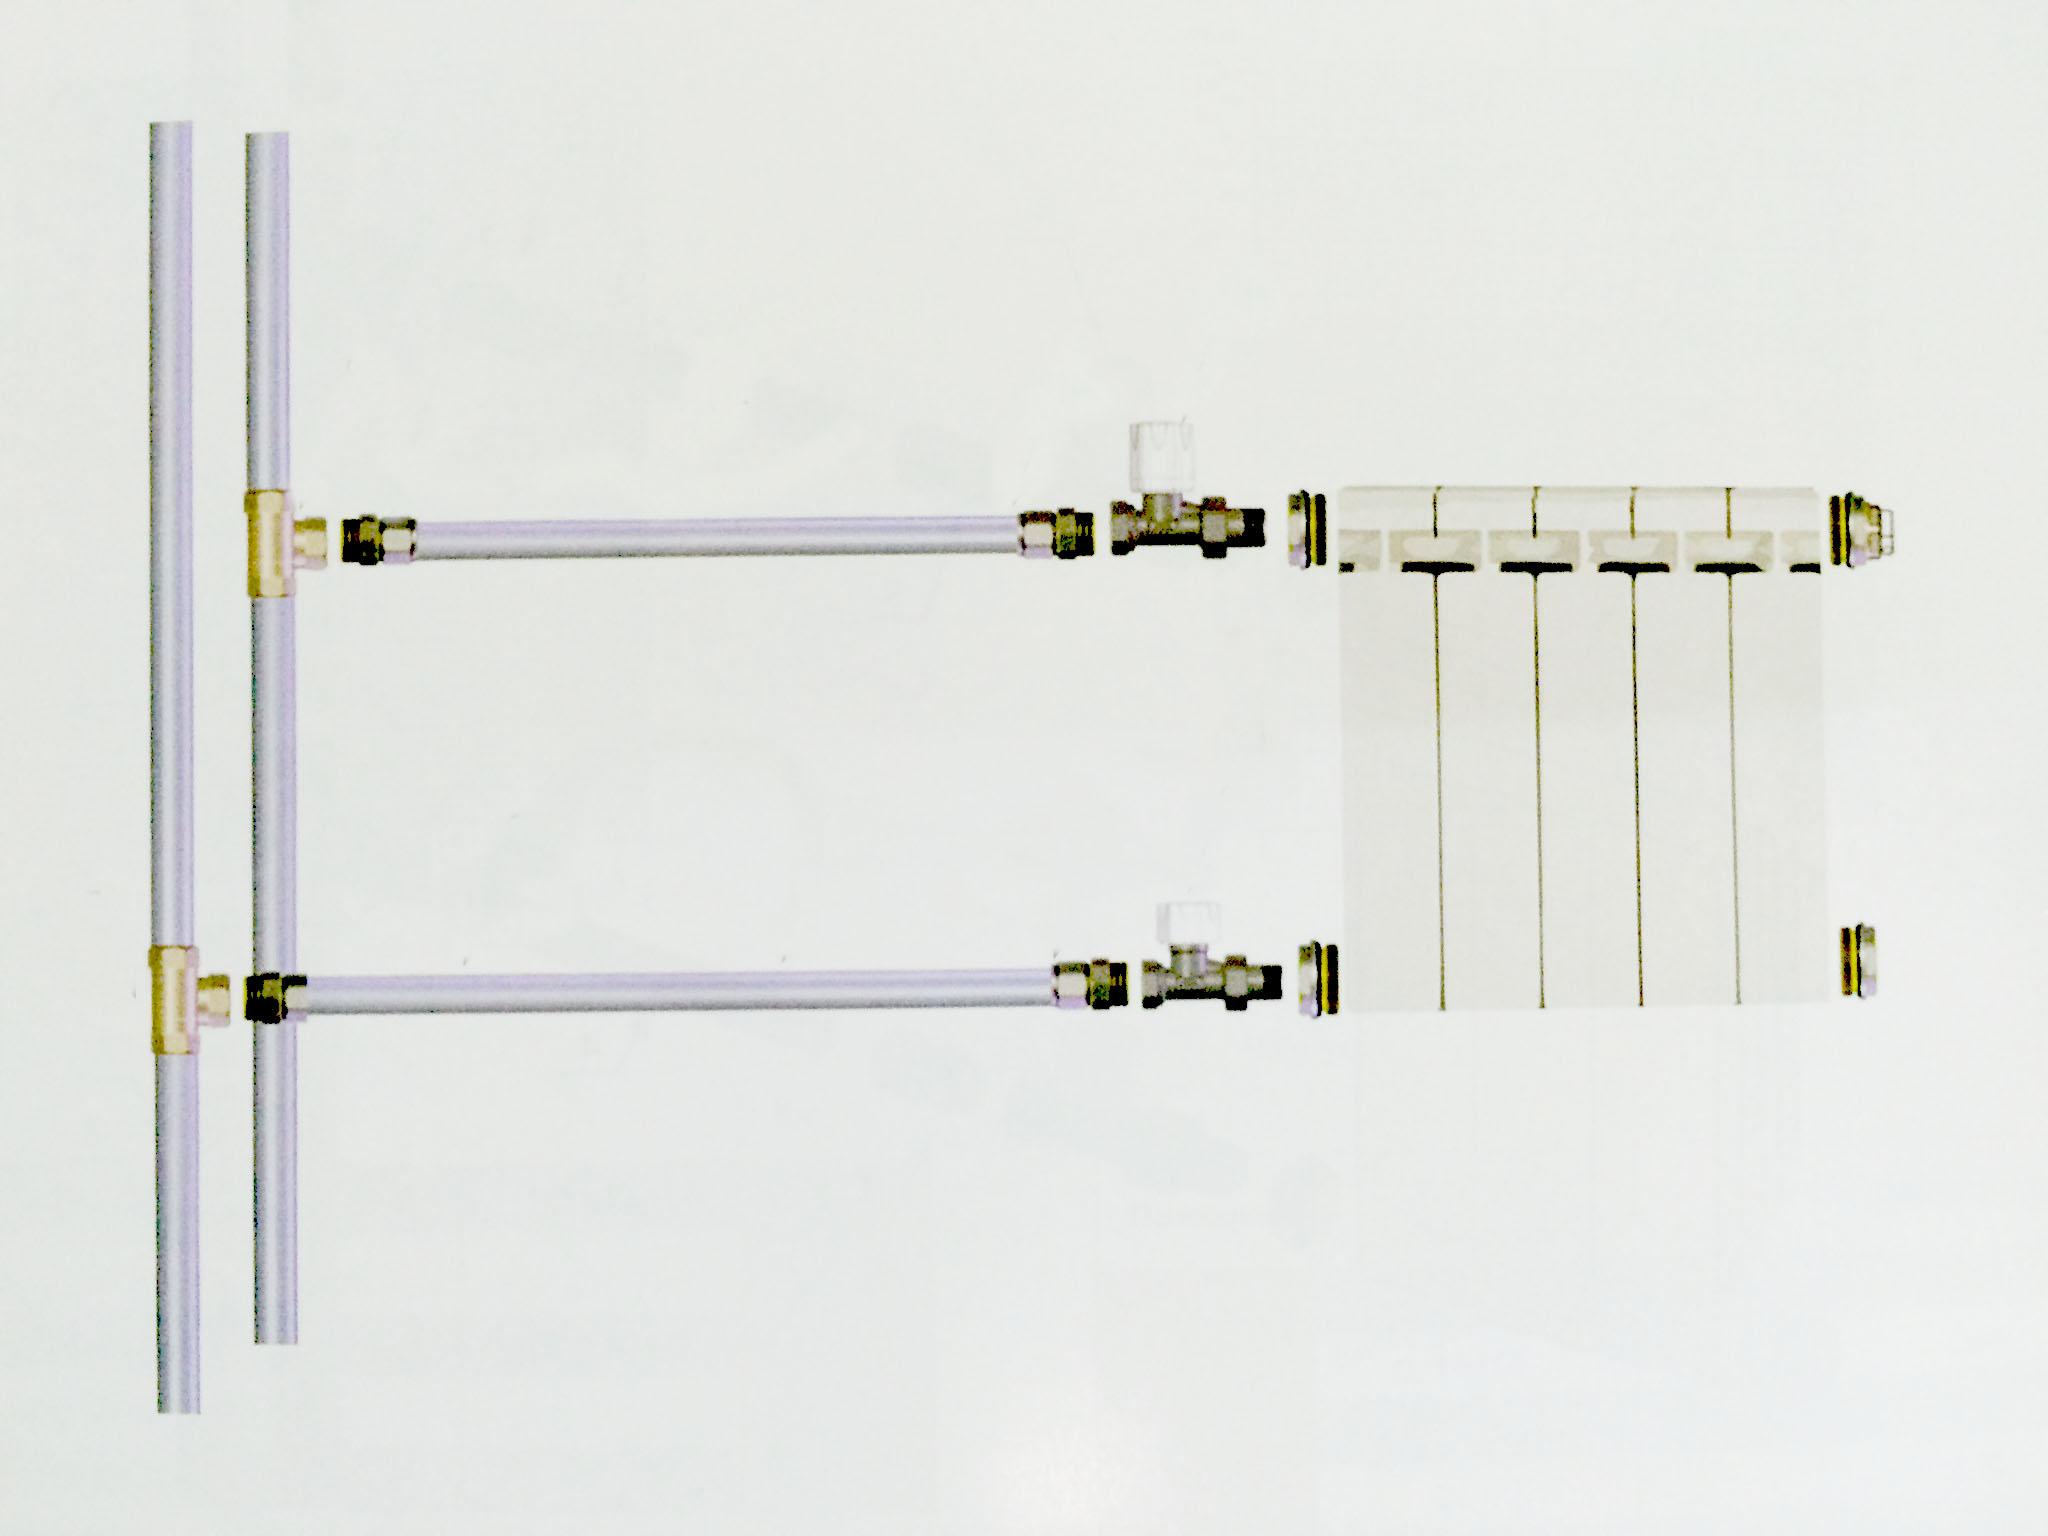 подключение батареи, батарея к стояку, схема подключения радиатора, радиатор у стояка, установка радиатора у стояка, батарея в квартире схема